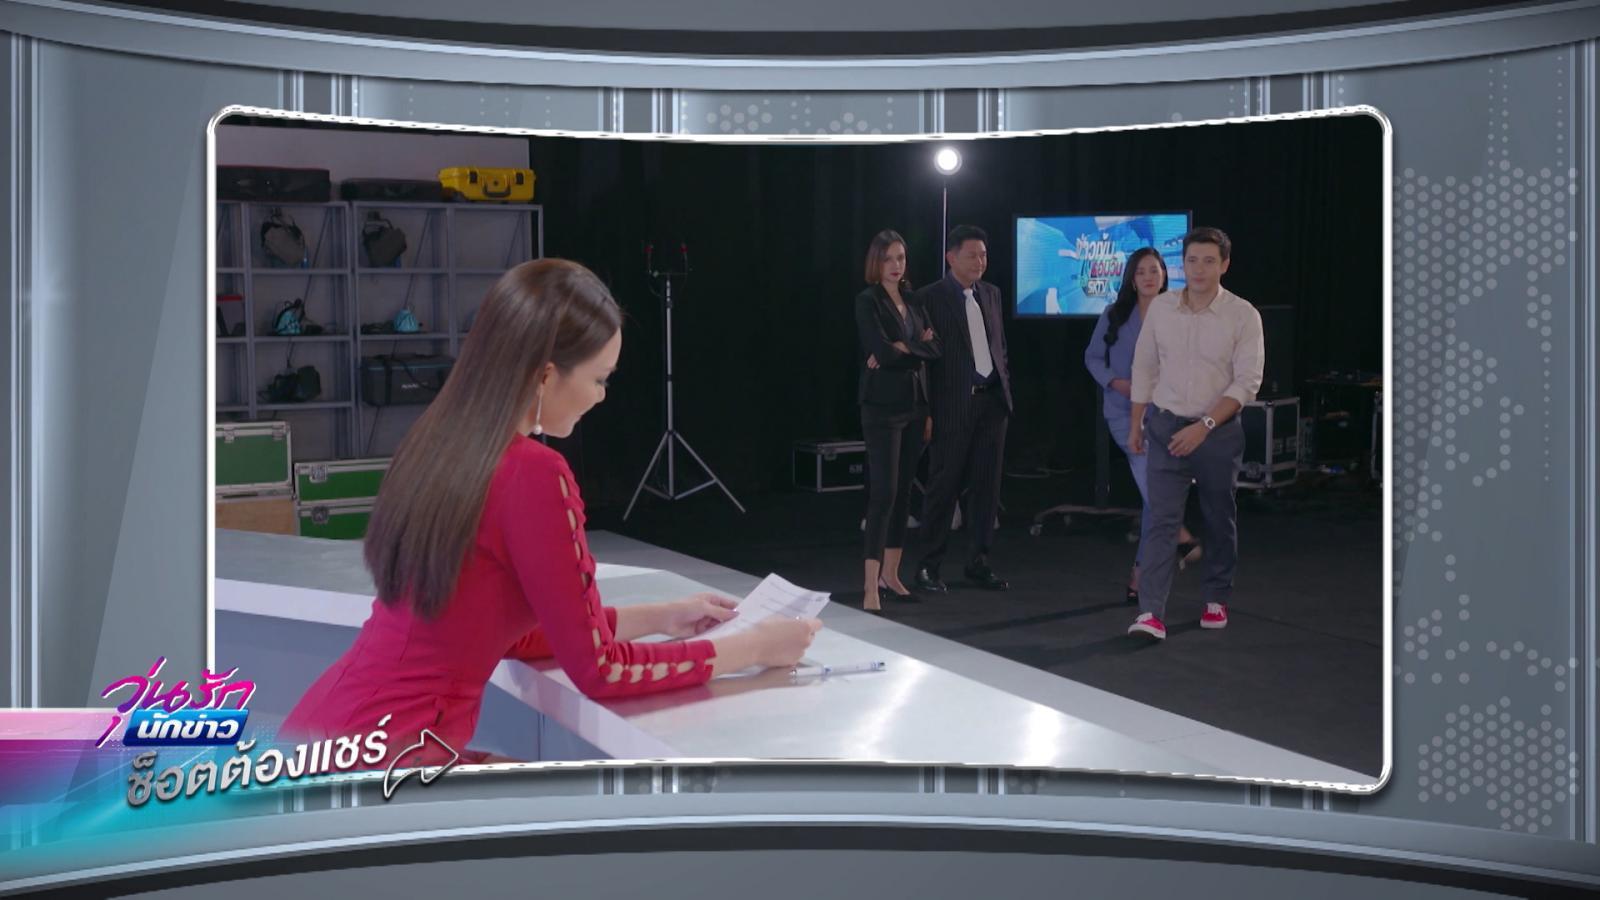 วุ่นรักนักข่าว EP.21 | ฟินสุด | ช็อตต้องแชร์ | PPTV HD 36